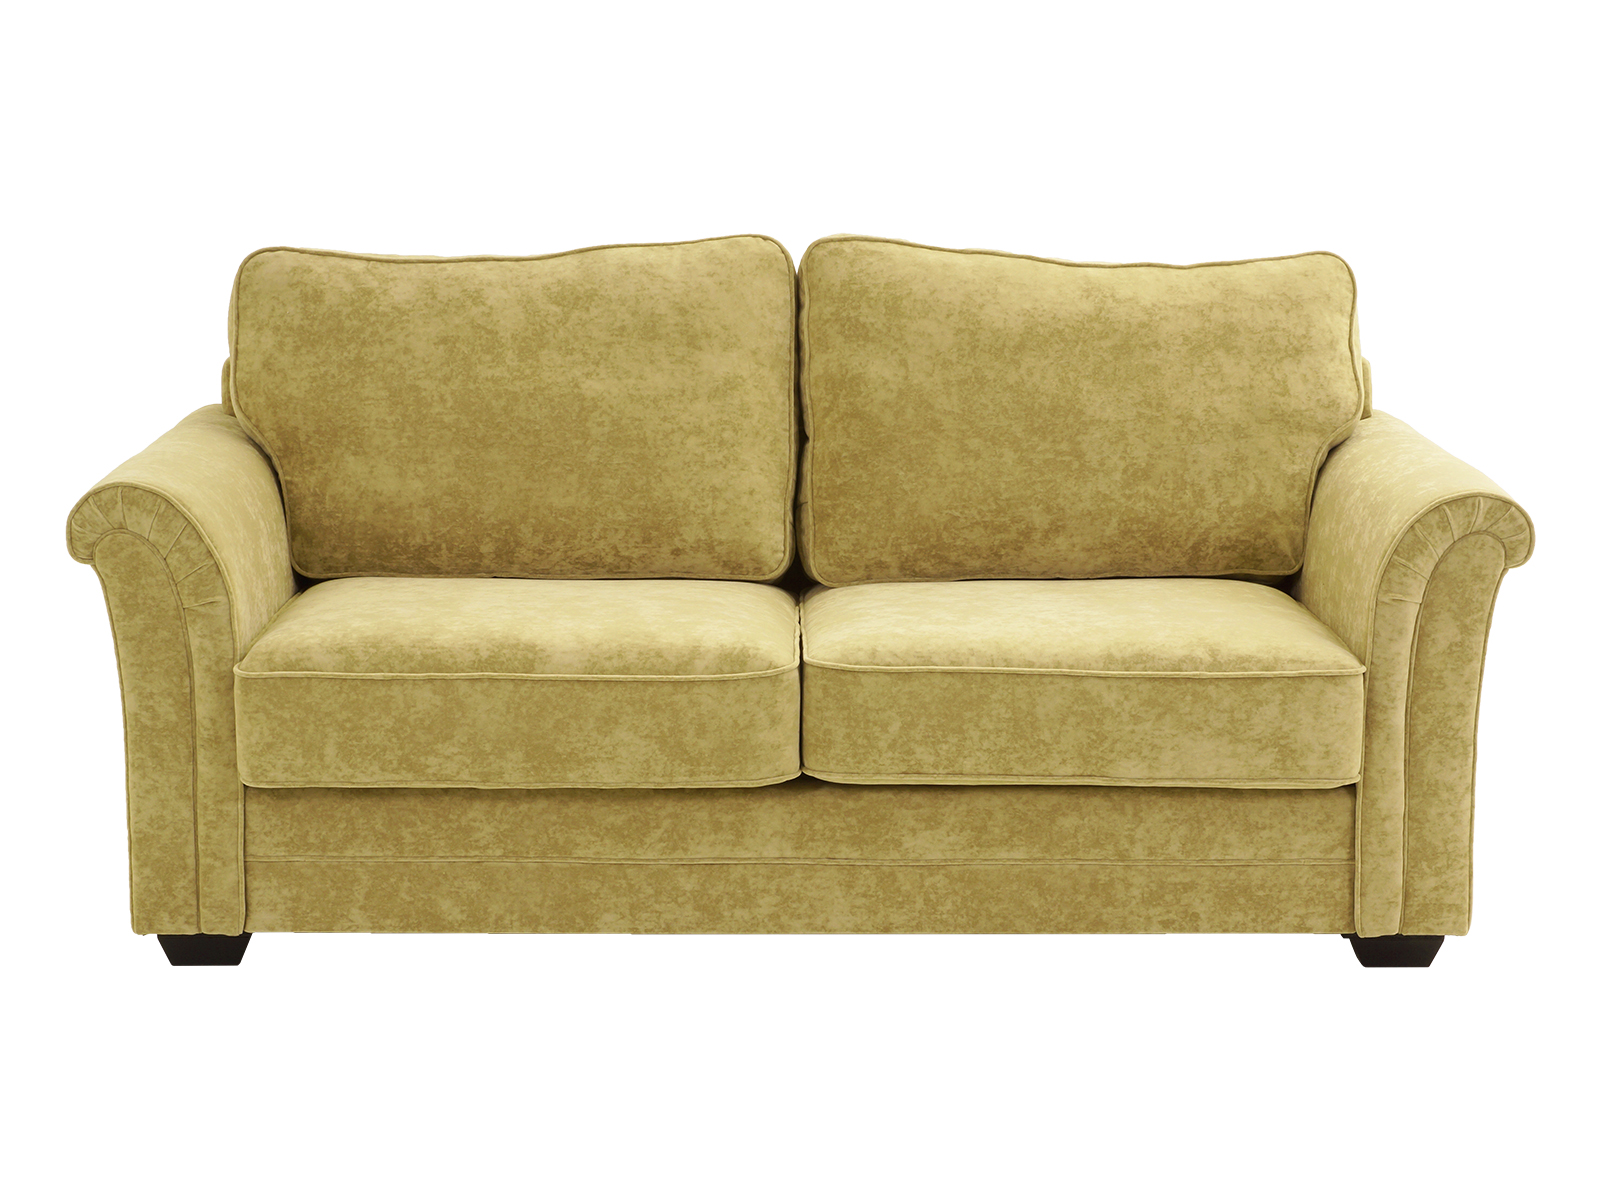 Диван-кровать SydПрямые раскладные диваны<br>&amp;lt;div&amp;gt;Увидев этот диван, ваши гости не захотят уходить из вашего дома! Элегантный диван с изящными подлокотниками выполнен в нежном пыльно-розовом цвете, а его сидение мягкое, словно облако.&amp;amp;nbsp;&amp;lt;/div&amp;gt;&amp;lt;div&amp;gt;Механизм трансформации позволит использовать его и как прекрасную кровать, на которой сны будут приятными, как никогда прежде!&amp;lt;/div&amp;gt;&amp;lt;div&amp;gt;&amp;lt;br&amp;gt;&amp;lt;/div&amp;gt;&amp;lt;div&amp;gt;Размер спального места 184х133см.&amp;lt;/div&amp;gt;&amp;lt;div&amp;gt;Ширина сиденья:158 см.&amp;lt;/div&amp;gt;&amp;lt;div&amp;gt;Глубина сиденья:57 см.&amp;lt;/div&amp;gt;&amp;lt;div&amp;gt;Высота сиденья:48 см.&amp;lt;/div&amp;gt;&amp;lt;div&amp;gt;Высота подлокотников:75 см.&amp;lt;/div&amp;gt;&amp;lt;div&amp;gt;&amp;lt;br&amp;gt;&amp;lt;/div&amp;gt;&amp;lt;div&amp;gt;Каркас: деревянный брус, фанера.&amp;lt;/div&amp;gt;&amp;lt;div&amp;gt;Подушки спинок: синтетическое волокно «синтепух».&amp;lt;/div&amp;gt;&amp;lt;div&amp;gt;Подушки сидений: пенополиуретан, синтепон, пружинный блок.&amp;lt;/div&amp;gt;&amp;lt;div&amp;gt;Лицевые чехлы подушек съёмные.&amp;lt;/div&amp;gt;&amp;lt;div&amp;gt;Обивка: 100% полиэстер.&amp;lt;/div&amp;gt;<br><br>Material: Текстиль<br>Ширина см: 205<br>Высота см: 97<br>Глубина см: 103